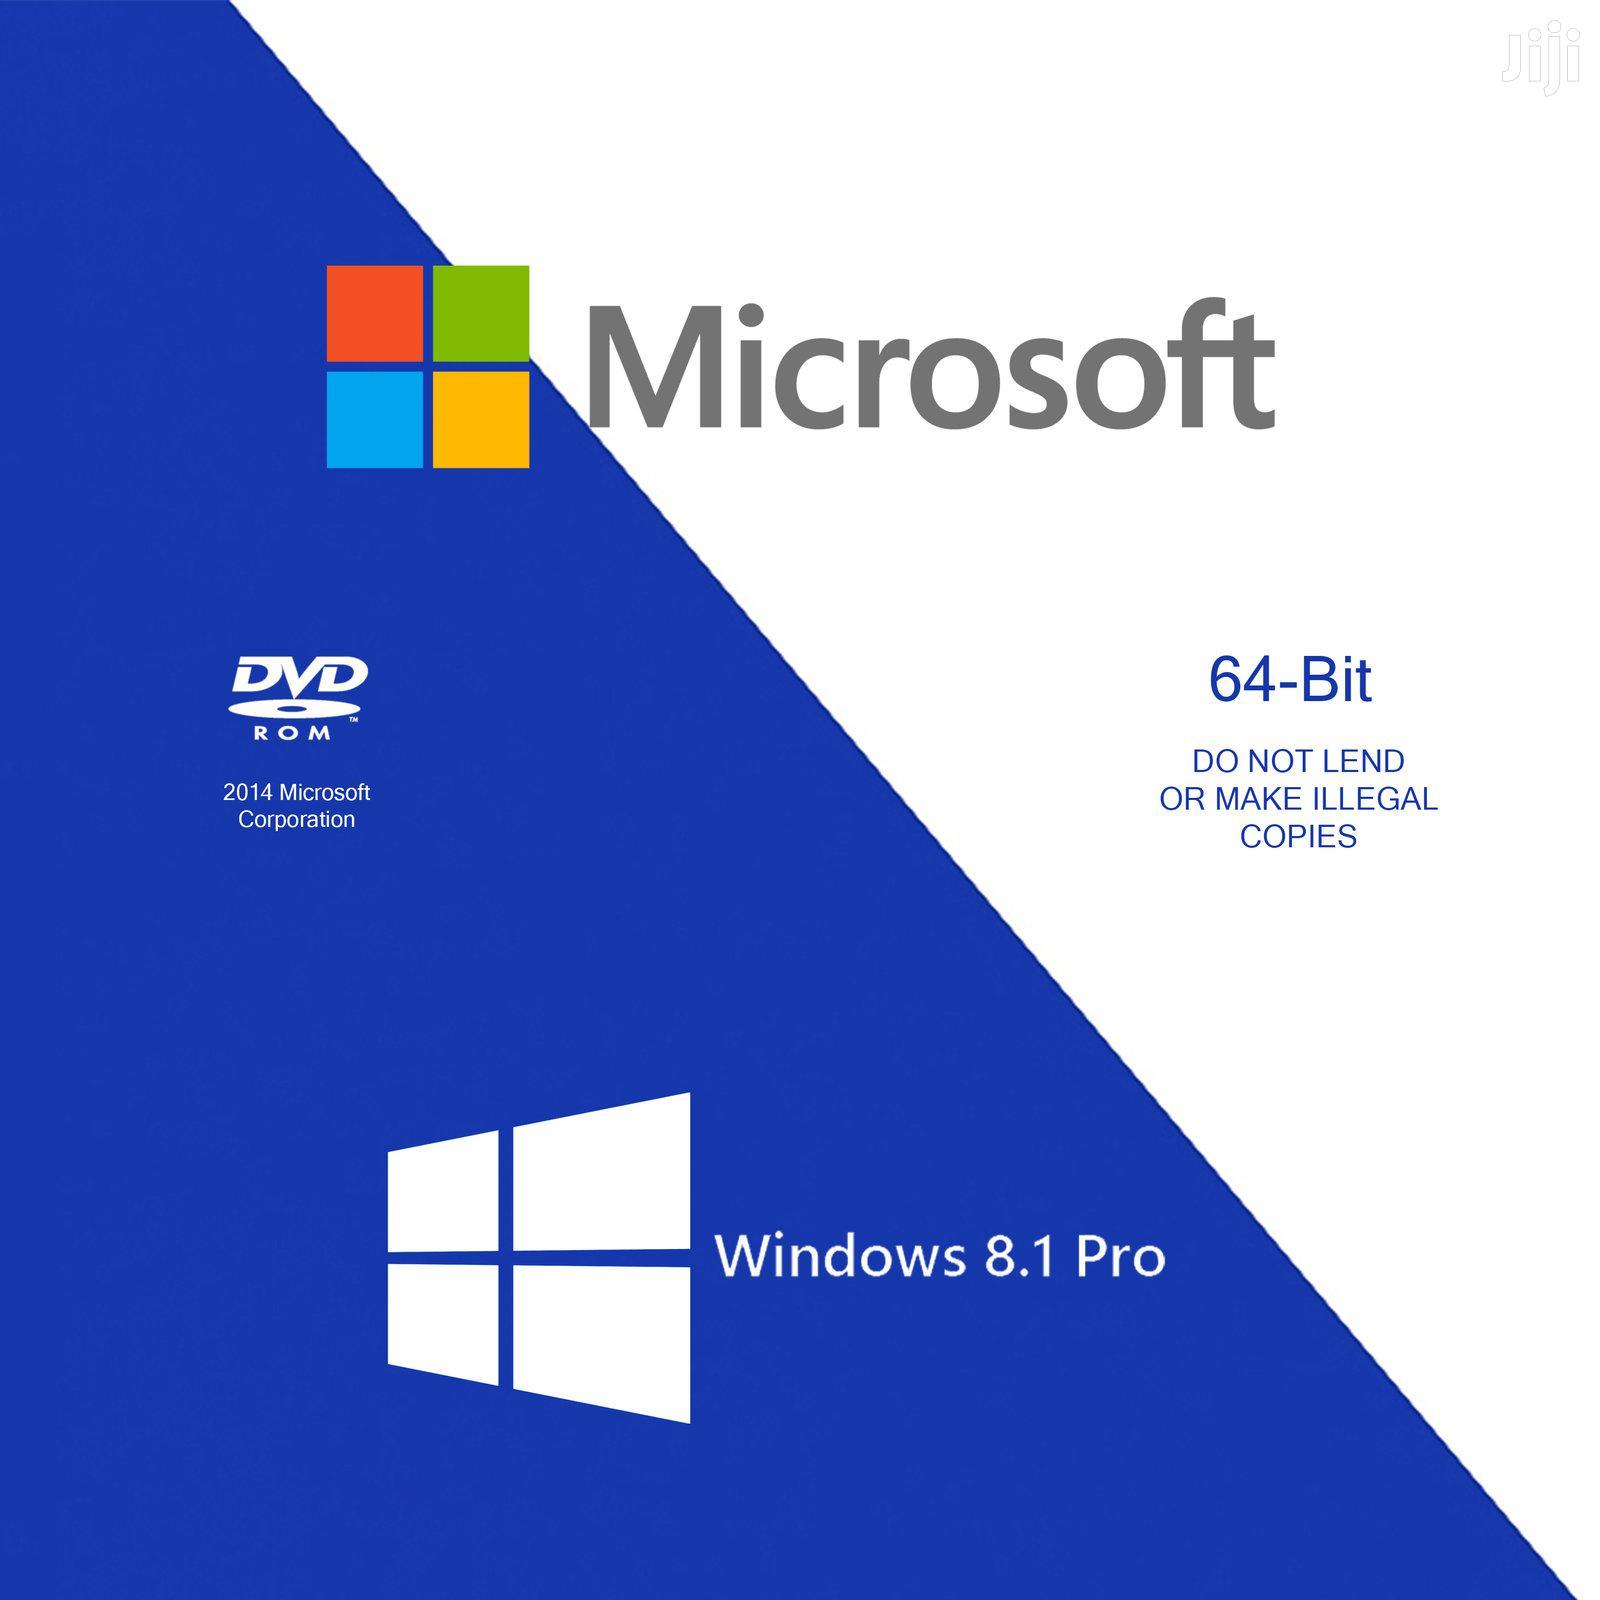 Windows 8.1 Pro (64bit)